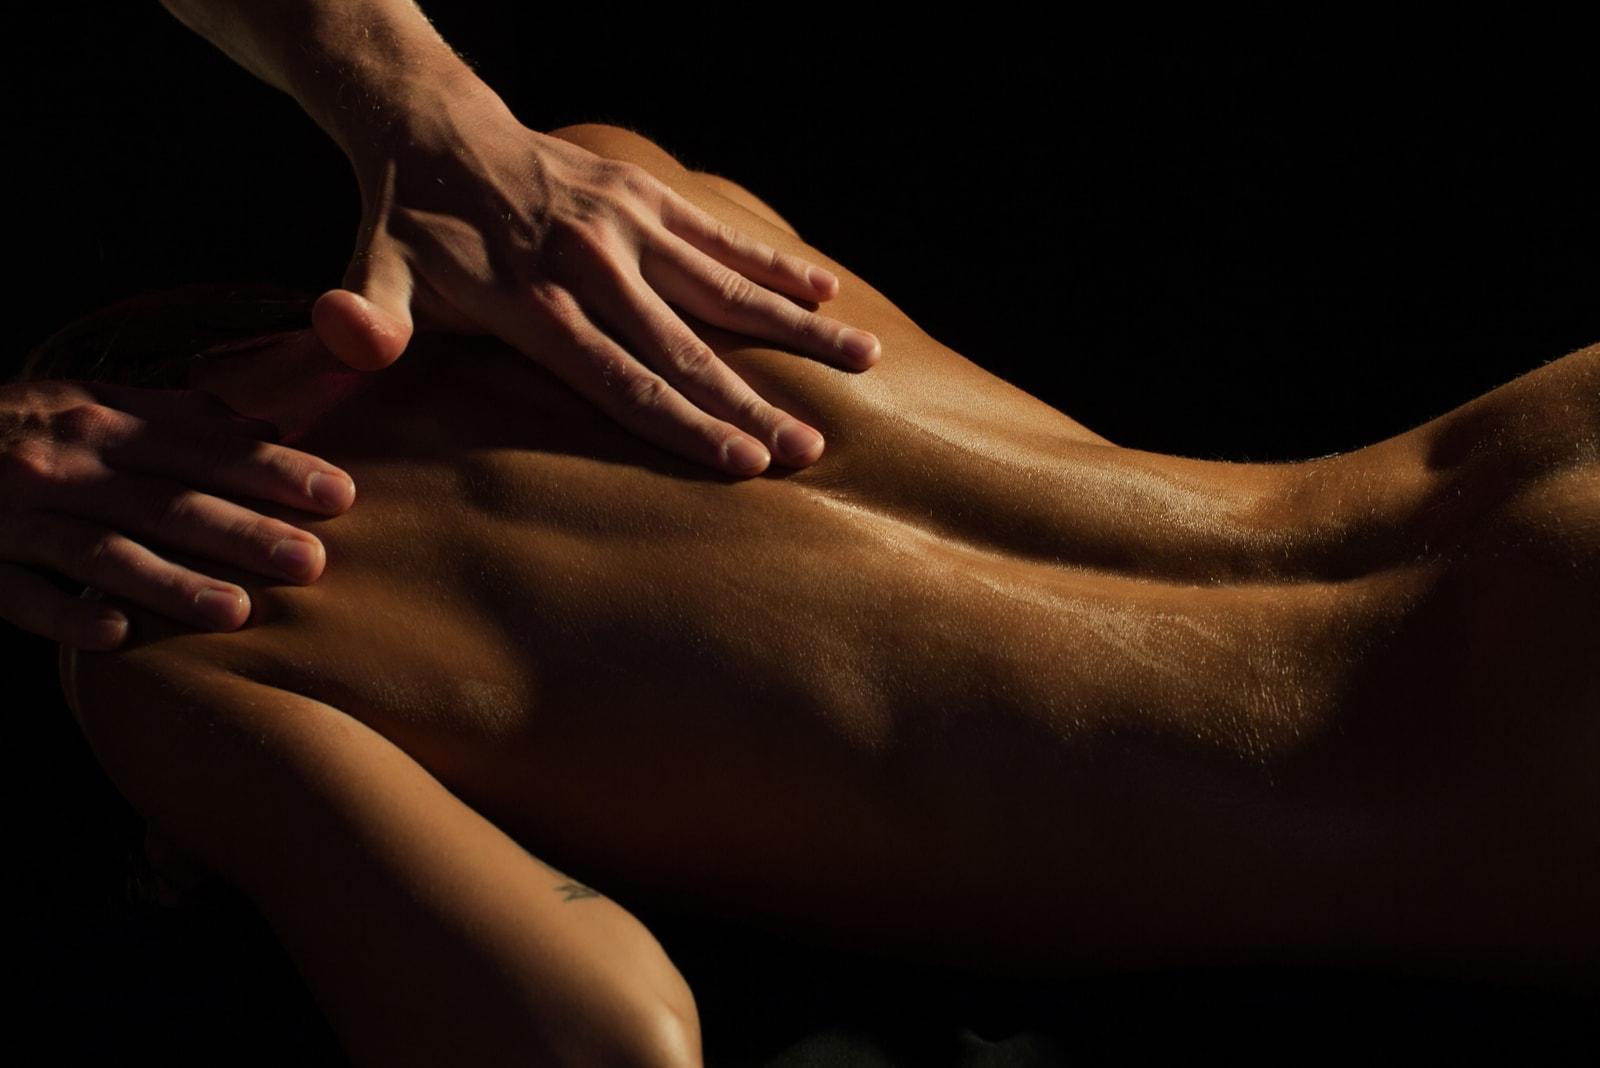 a man massaging a woman